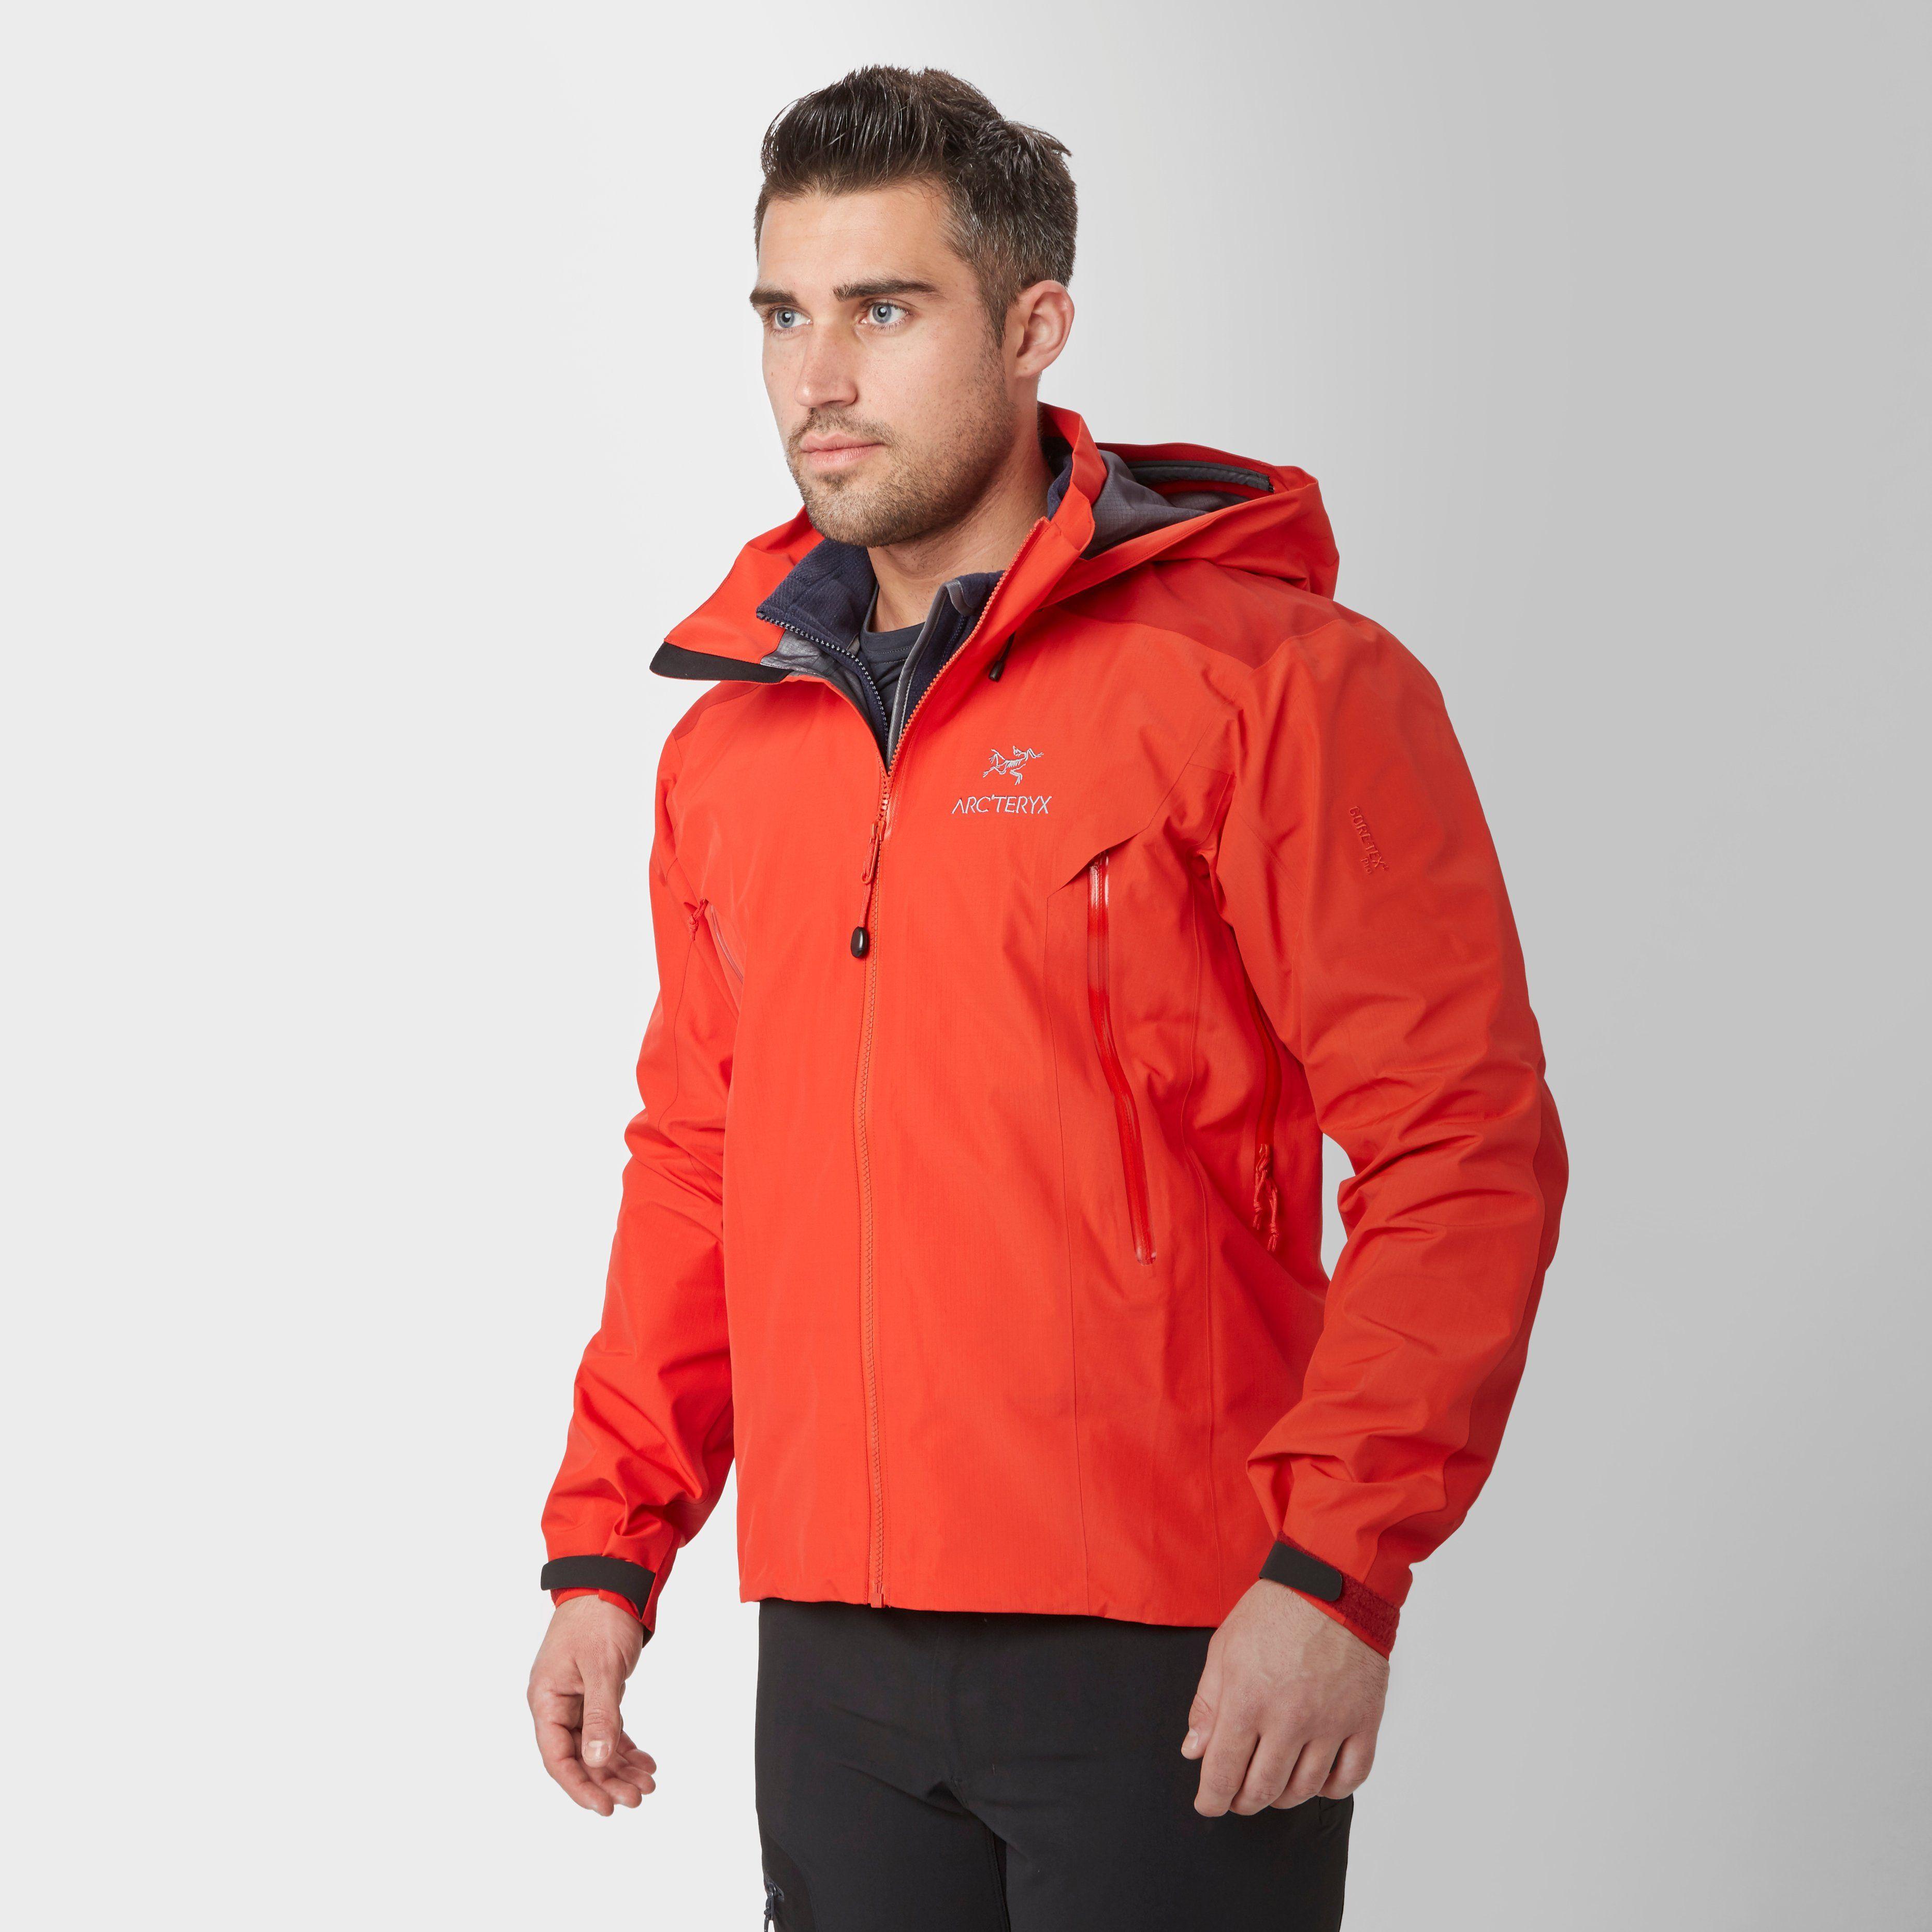 ARC'TERYX Men's Beta AR Jacket